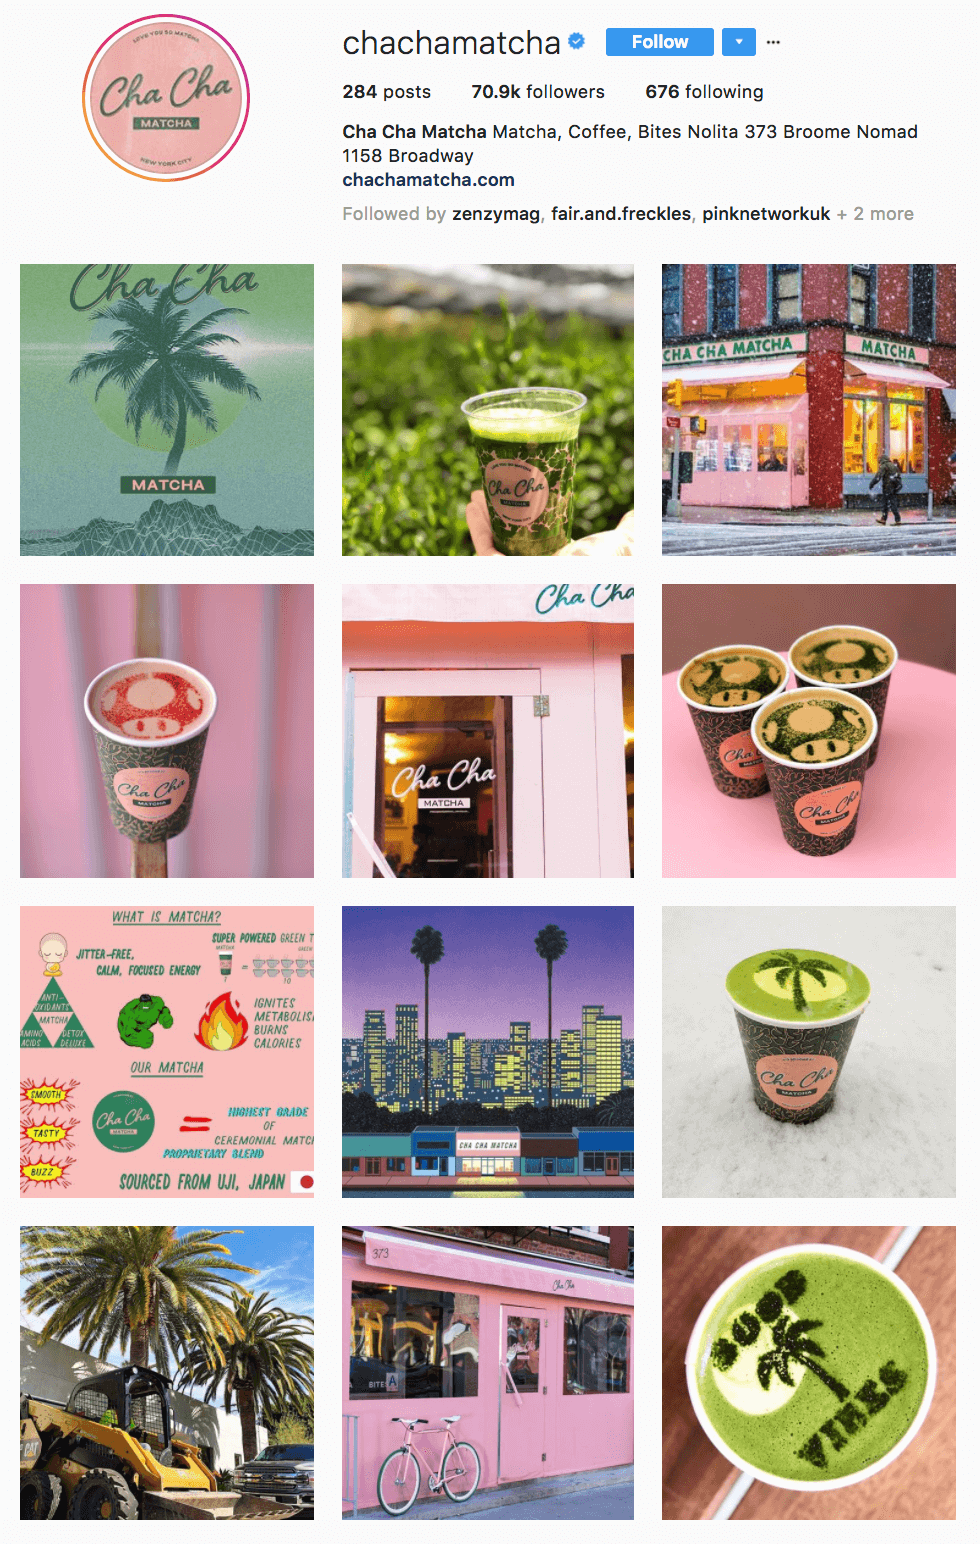 בית קפה למאצ׳ה בניו-יורק - מסעדות קונספט מגניבות בעולם